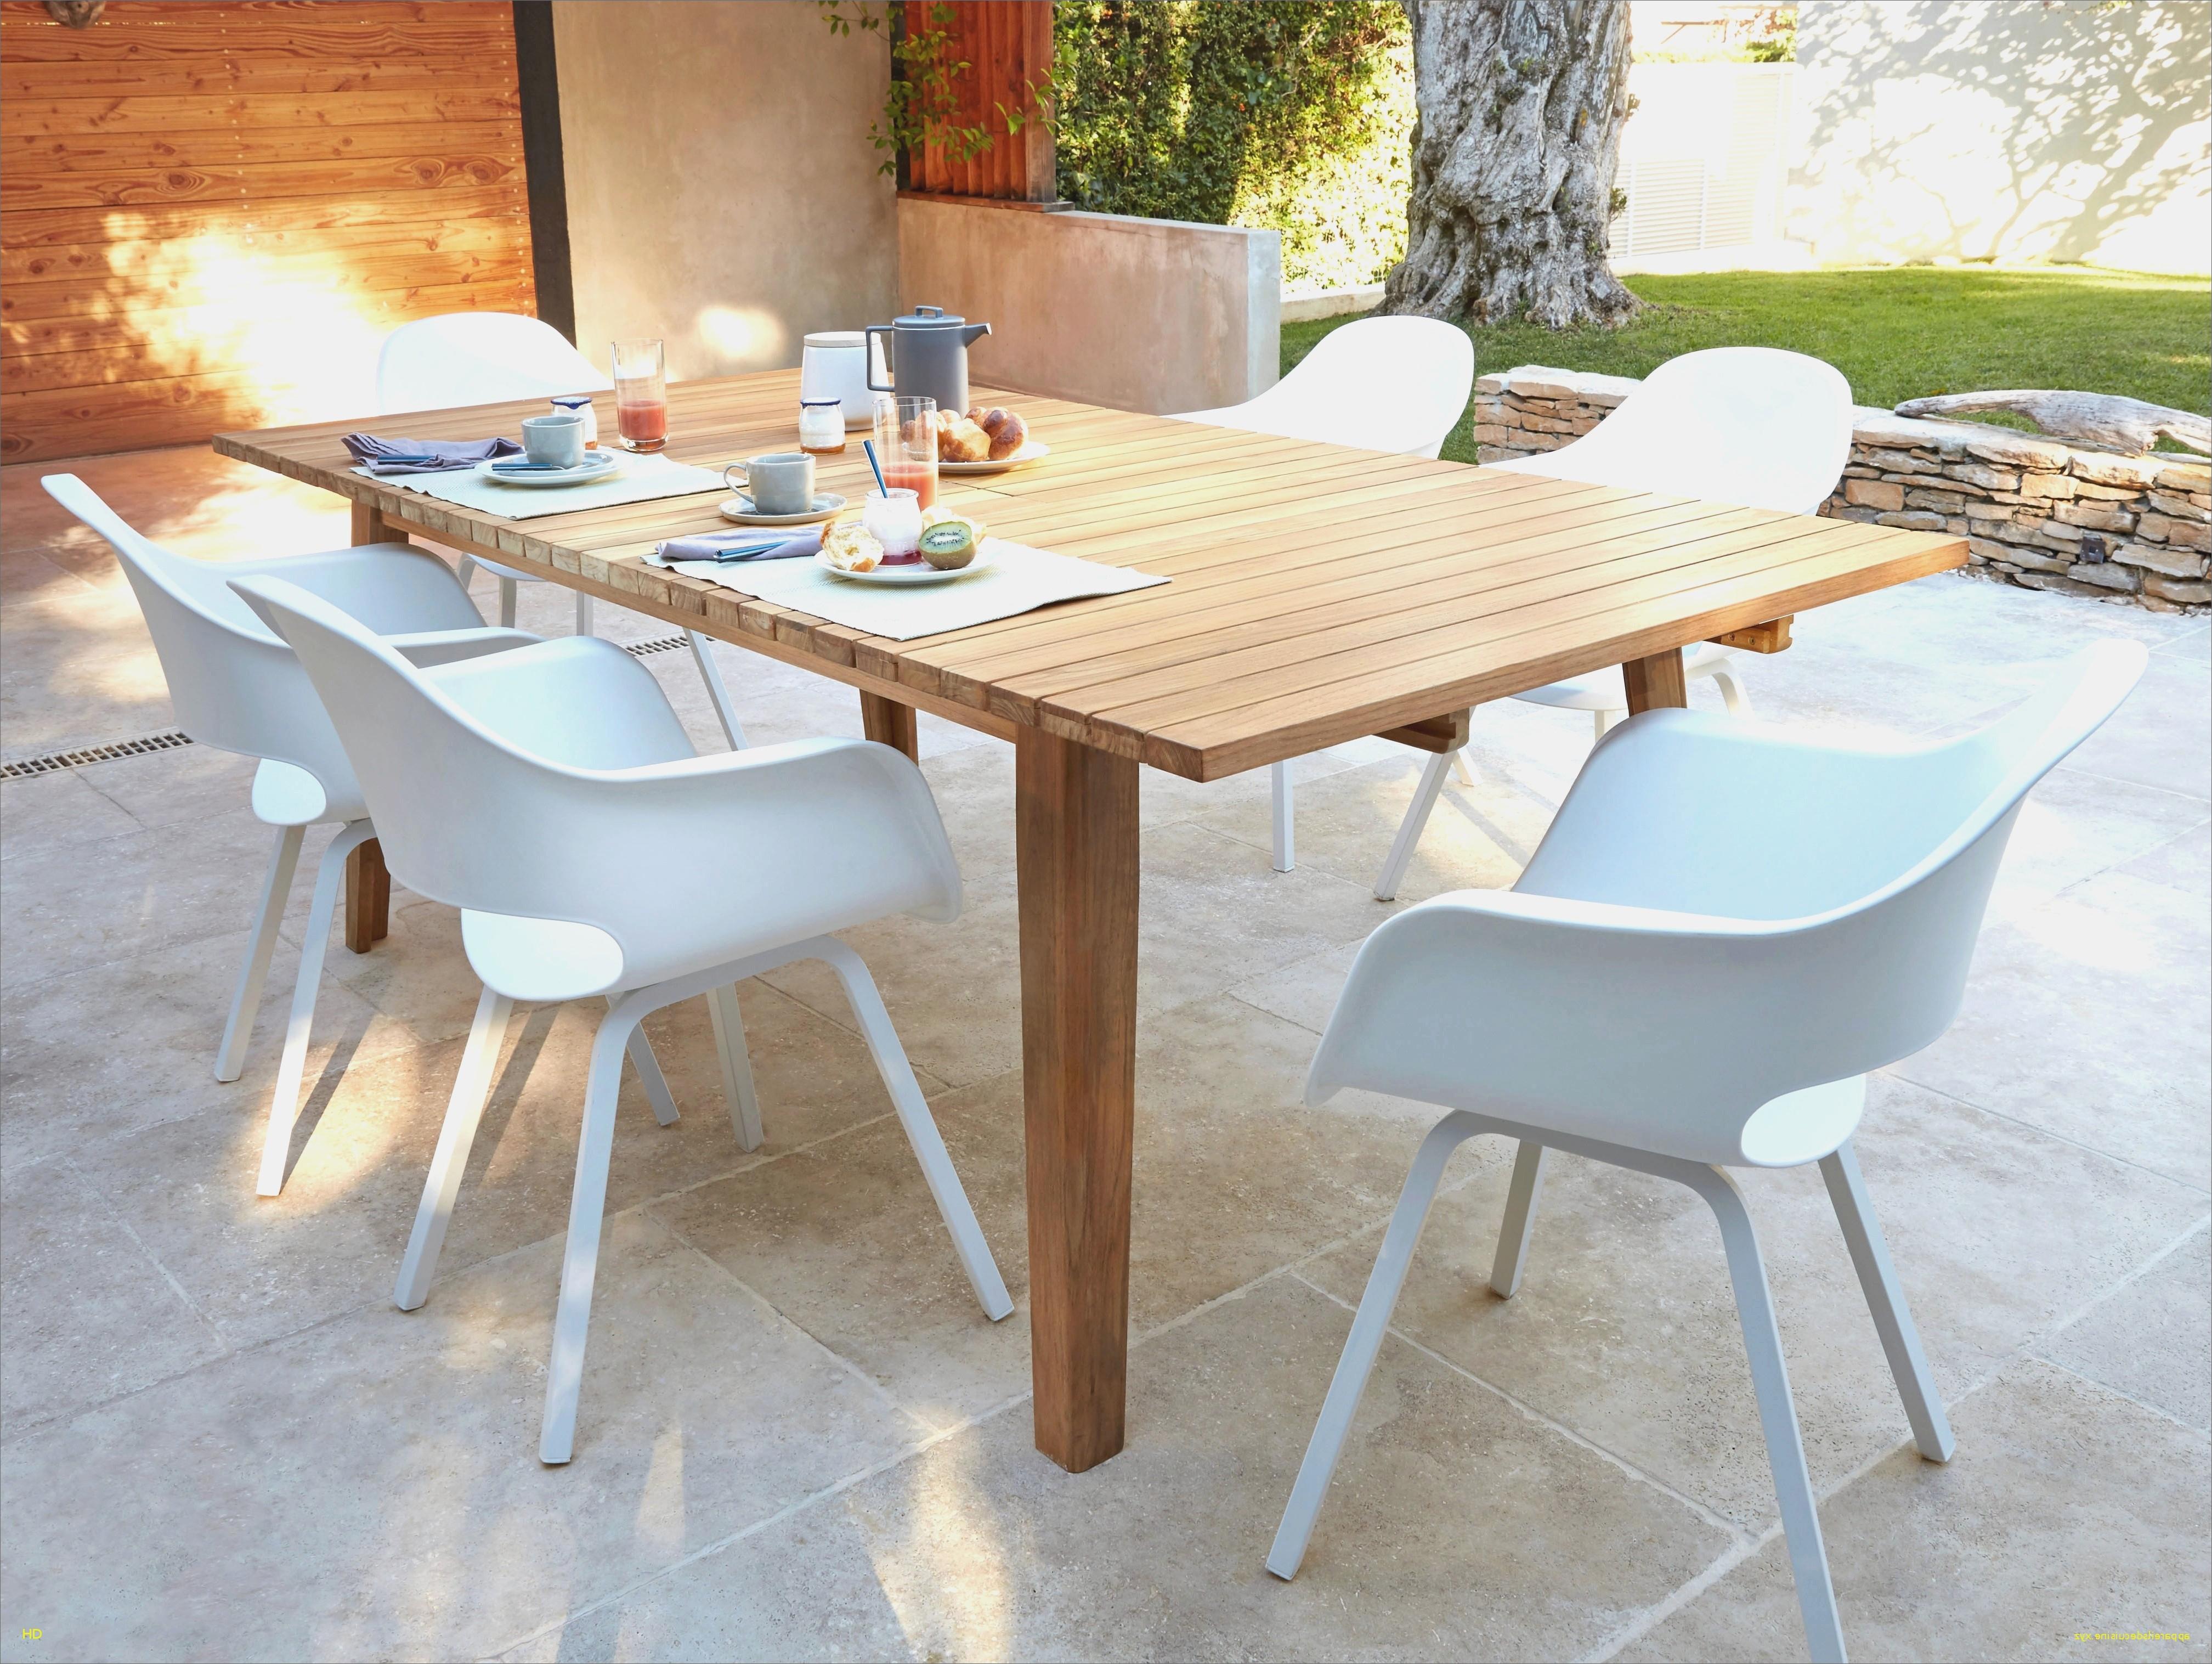 Fabriquer Cuisine Bois Enfant Beau Photos Cuisine Bois Design Best Table Cuisine Table Cuisine Bois Massif top